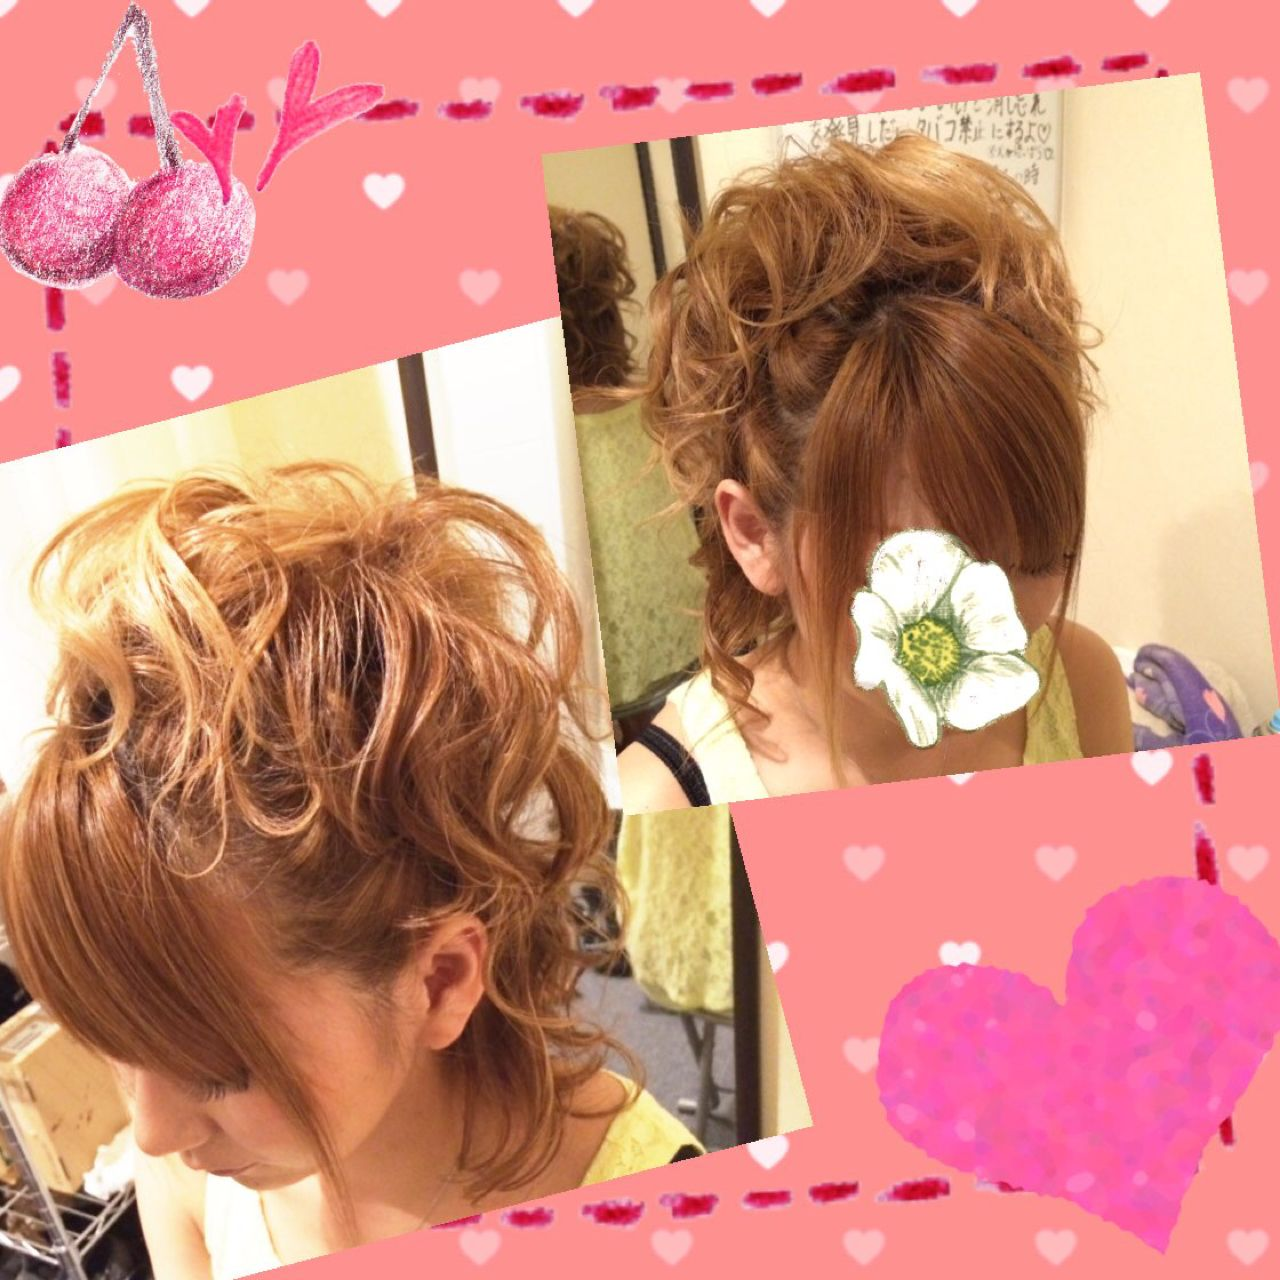 ハーフアップ パーマ コンサバ ヘアアレンジ ヘアスタイルや髪型の写真・画像